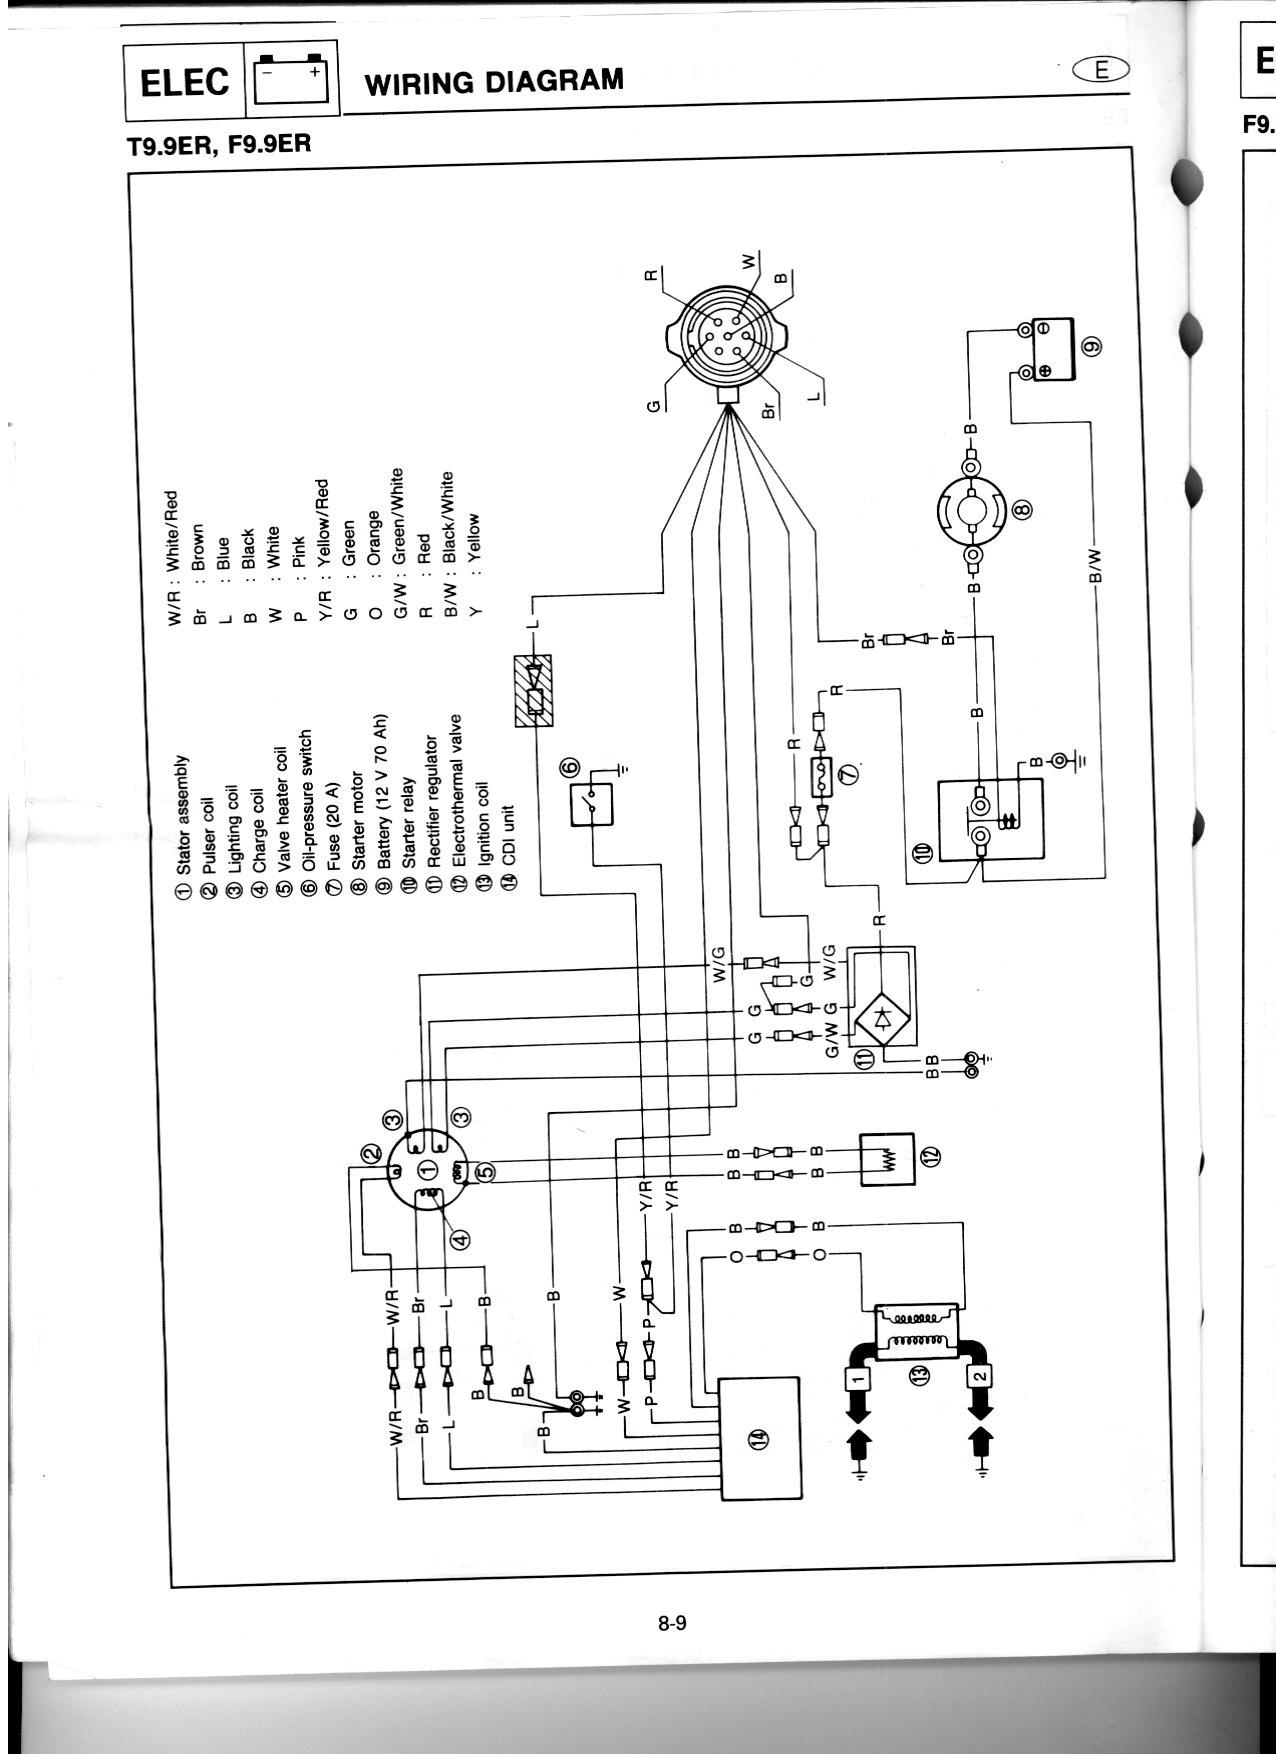 Groovy Yamaha F8 Wiring Diagram Wiring Diagram Wiring Digital Resources Funapmognl